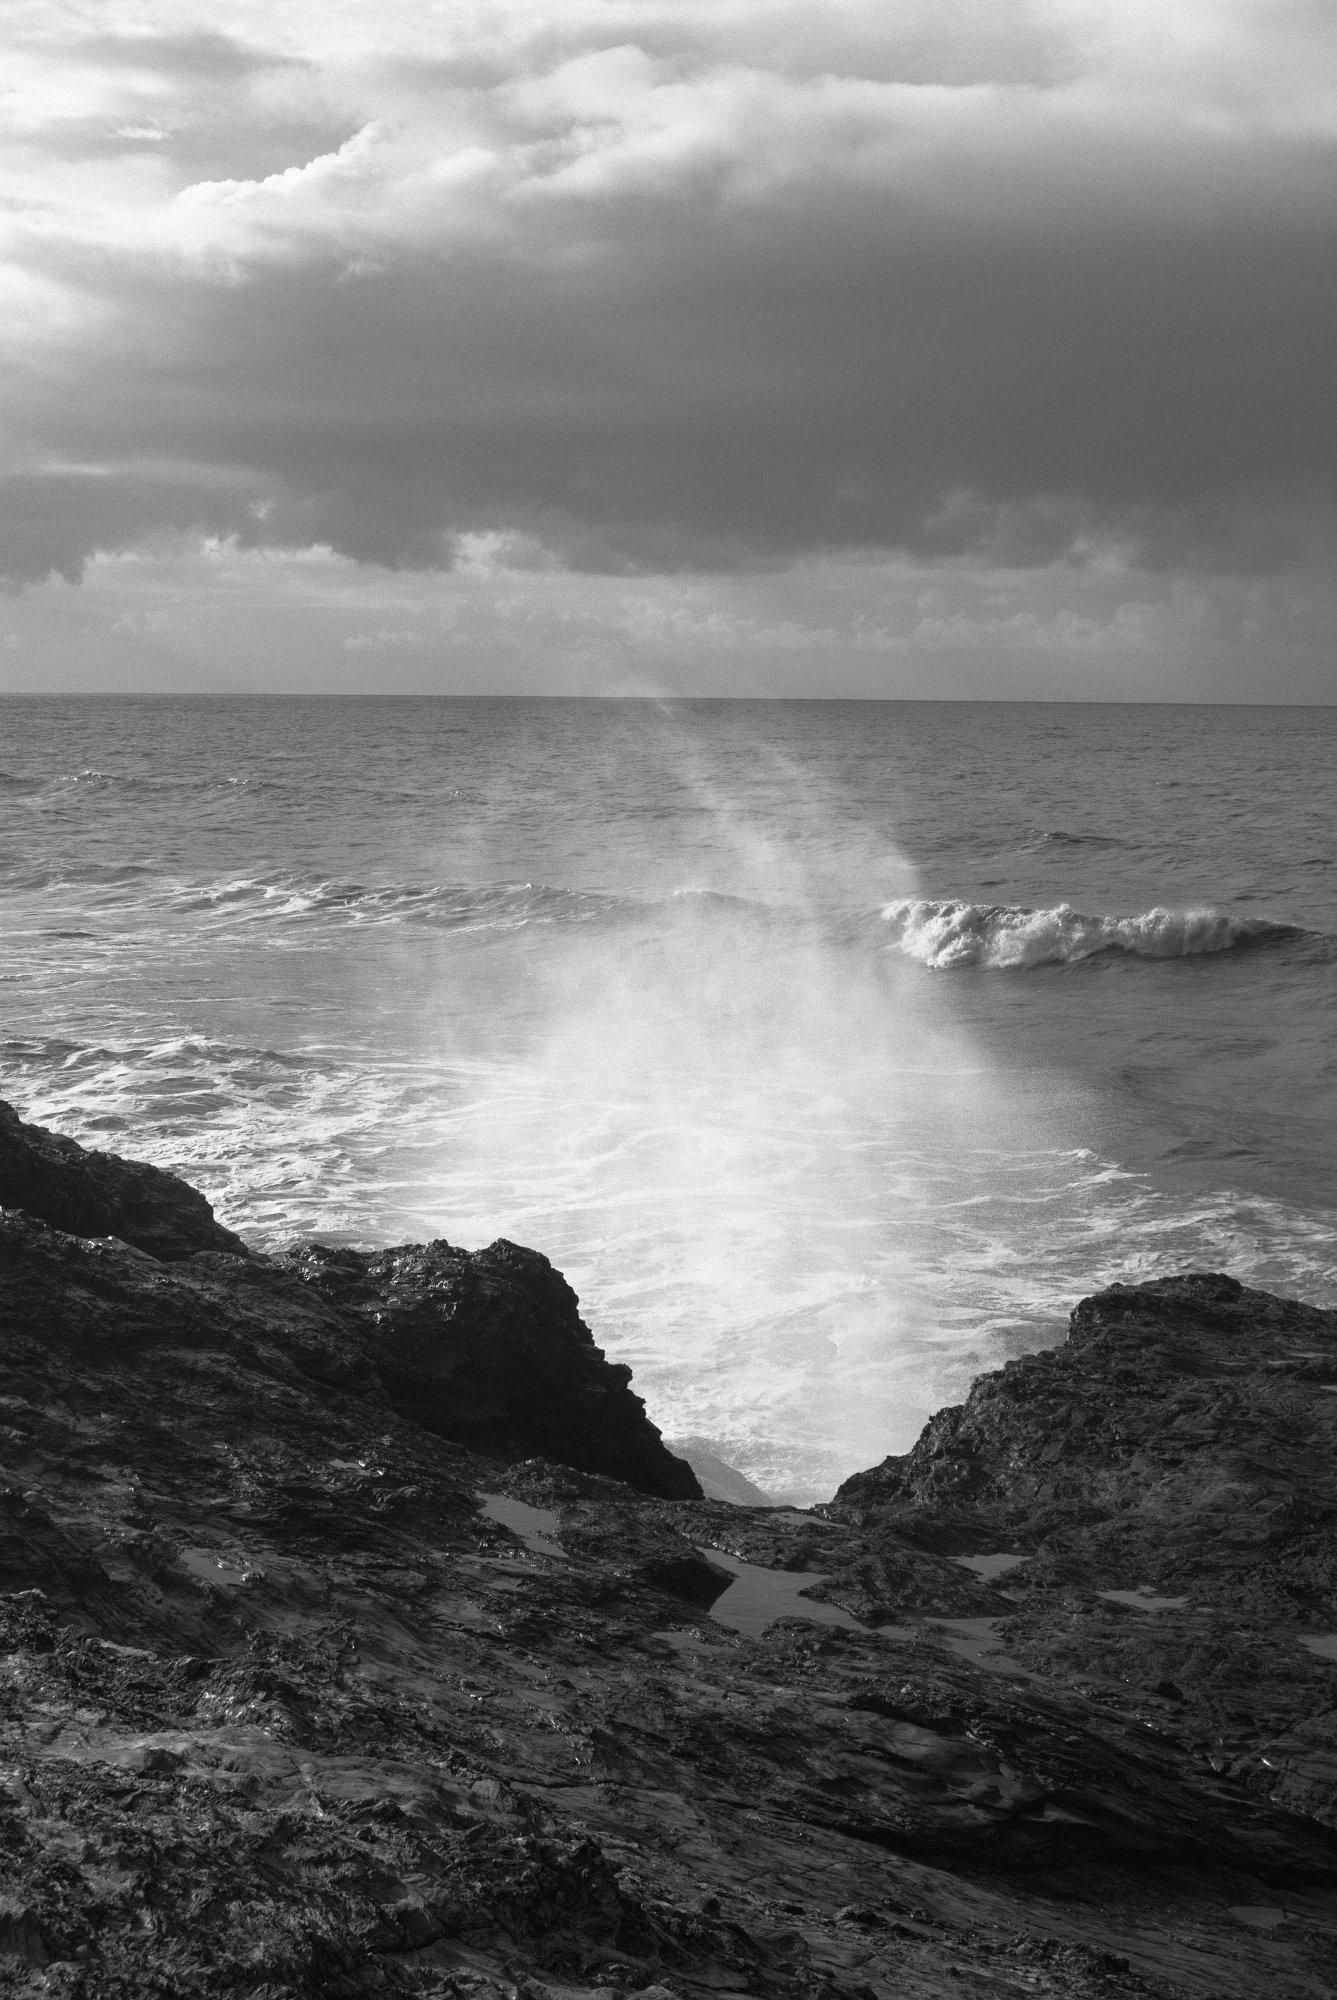 Photo noir et blanc d'une vague qui s'écrase sur des rochers